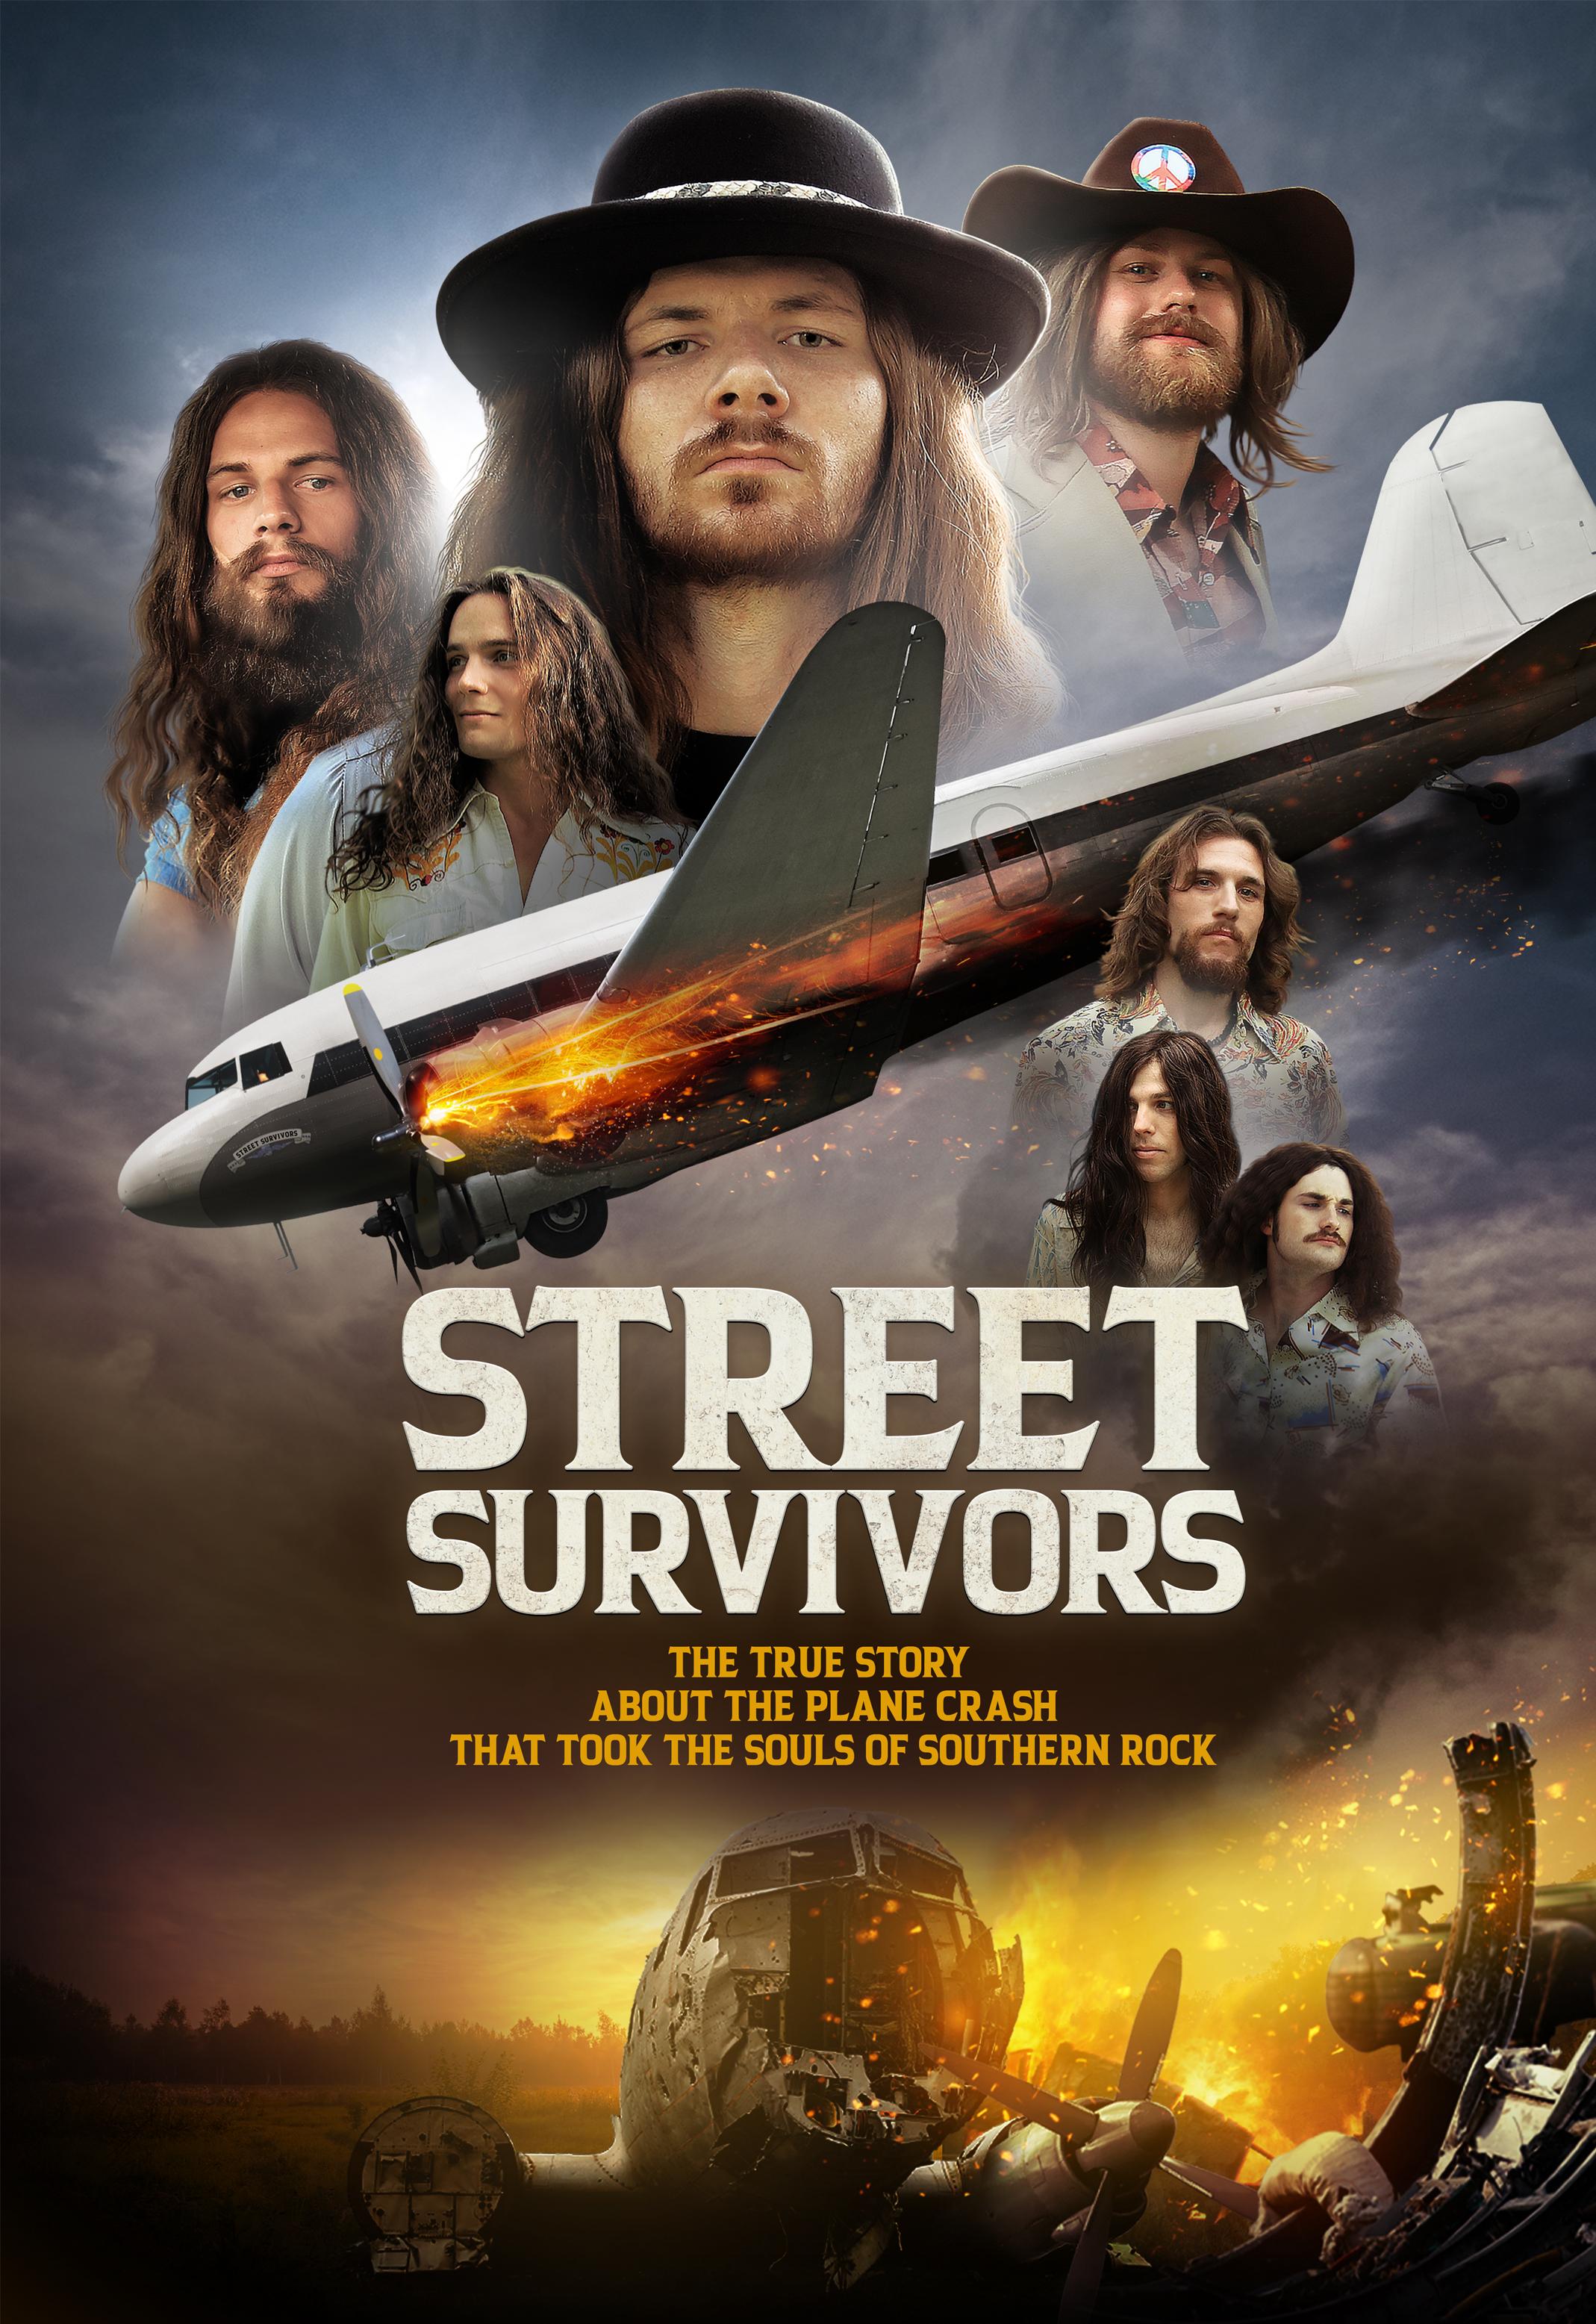 street_survivors_22.jpg